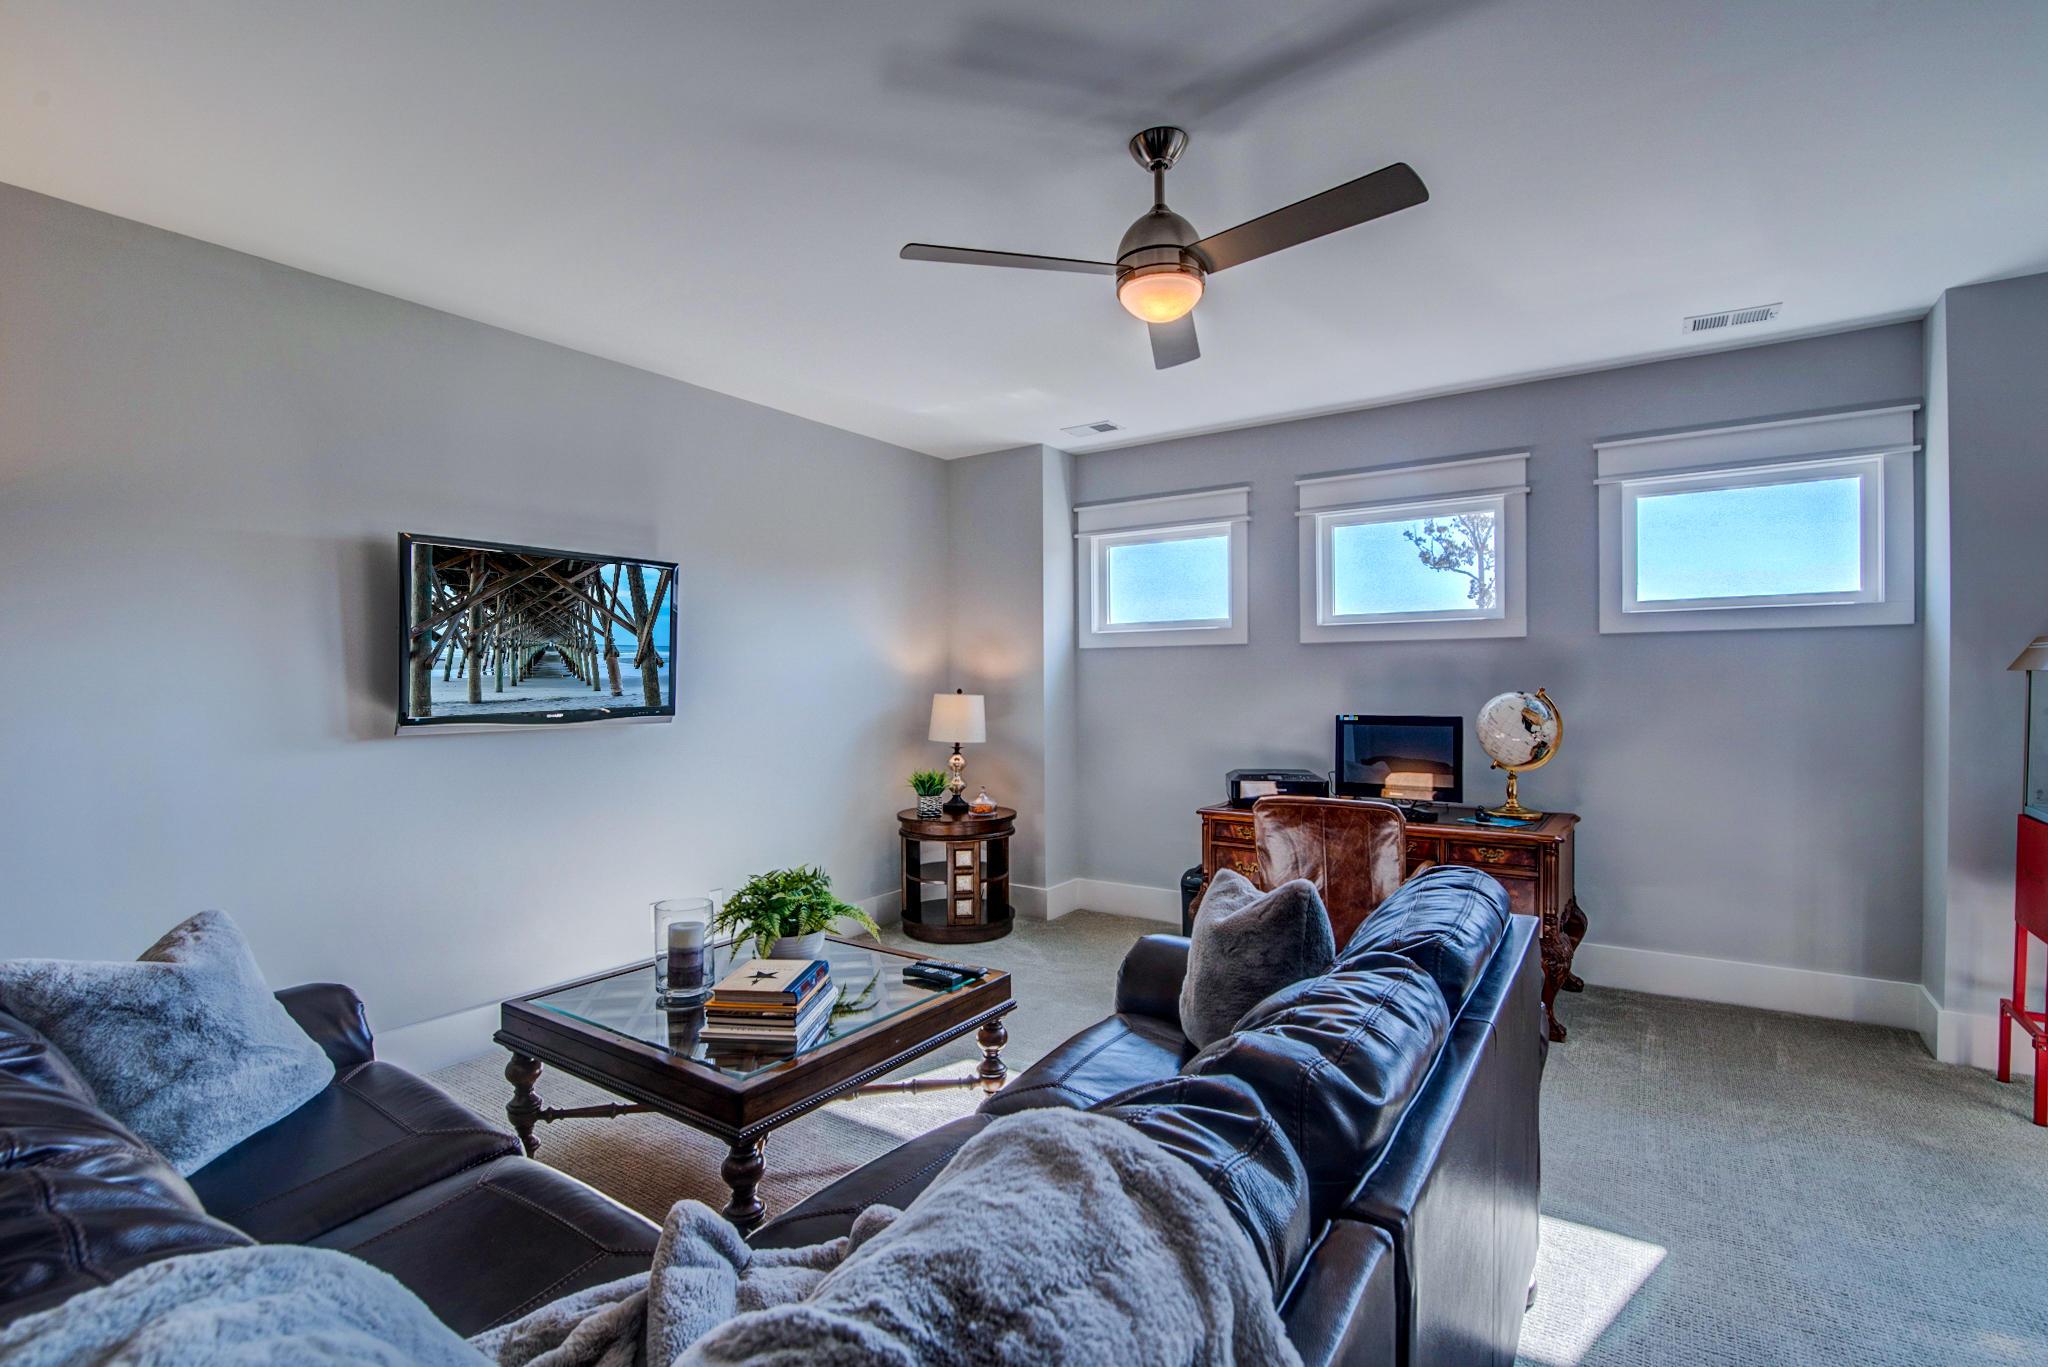 Dunes West Homes For Sale - 2883 River Vista, Mount Pleasant, SC - 5